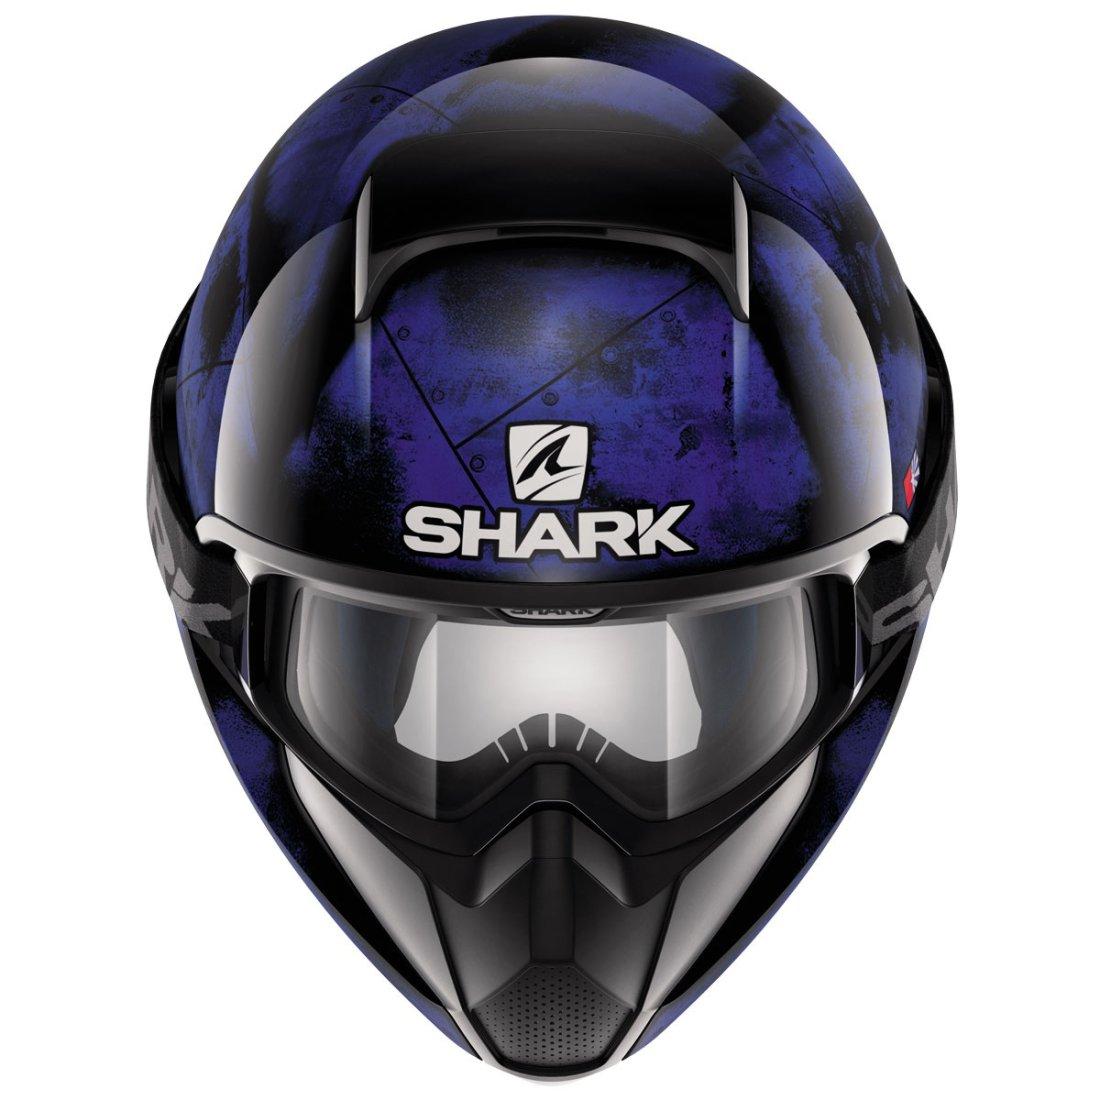 casque shark vancore flare black blue black motocard. Black Bedroom Furniture Sets. Home Design Ideas